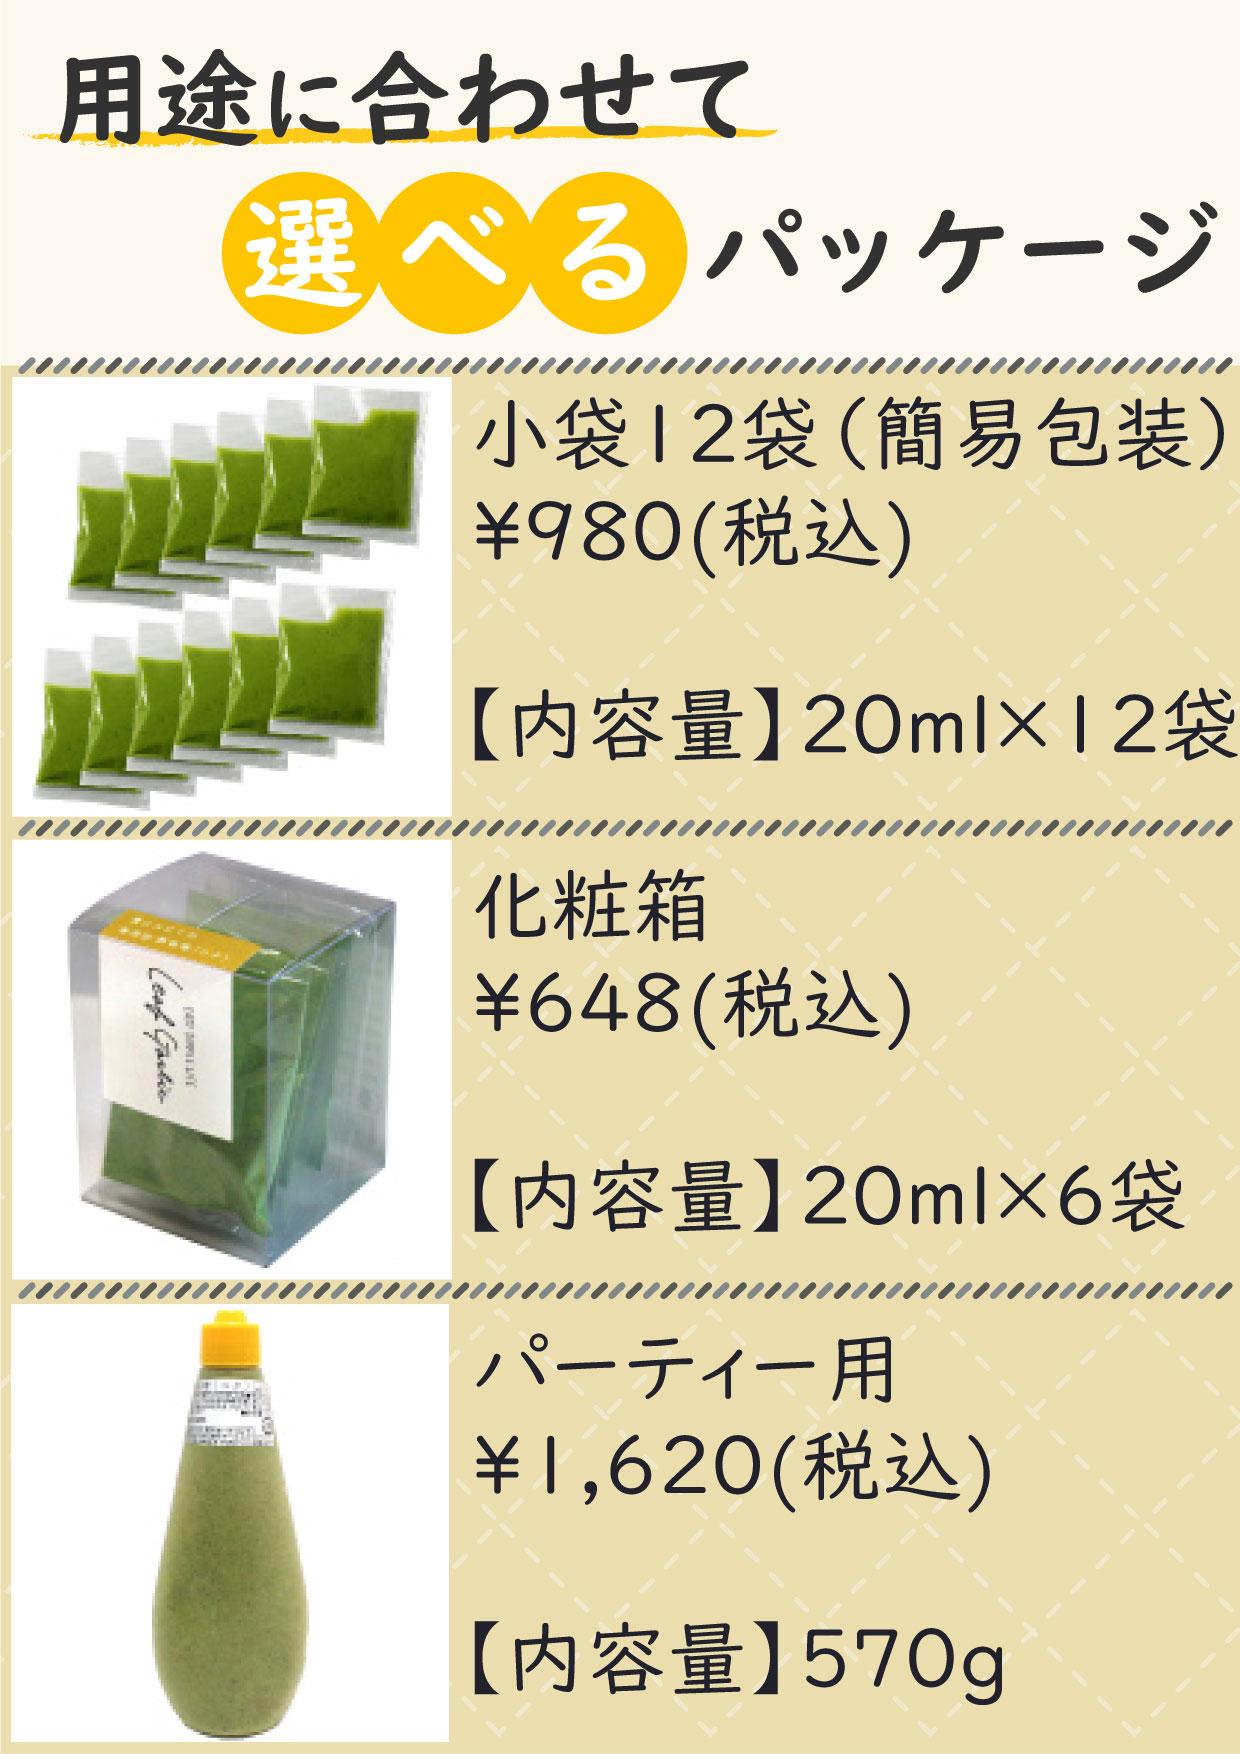 Leaf Garlic 酢味噌(コク)